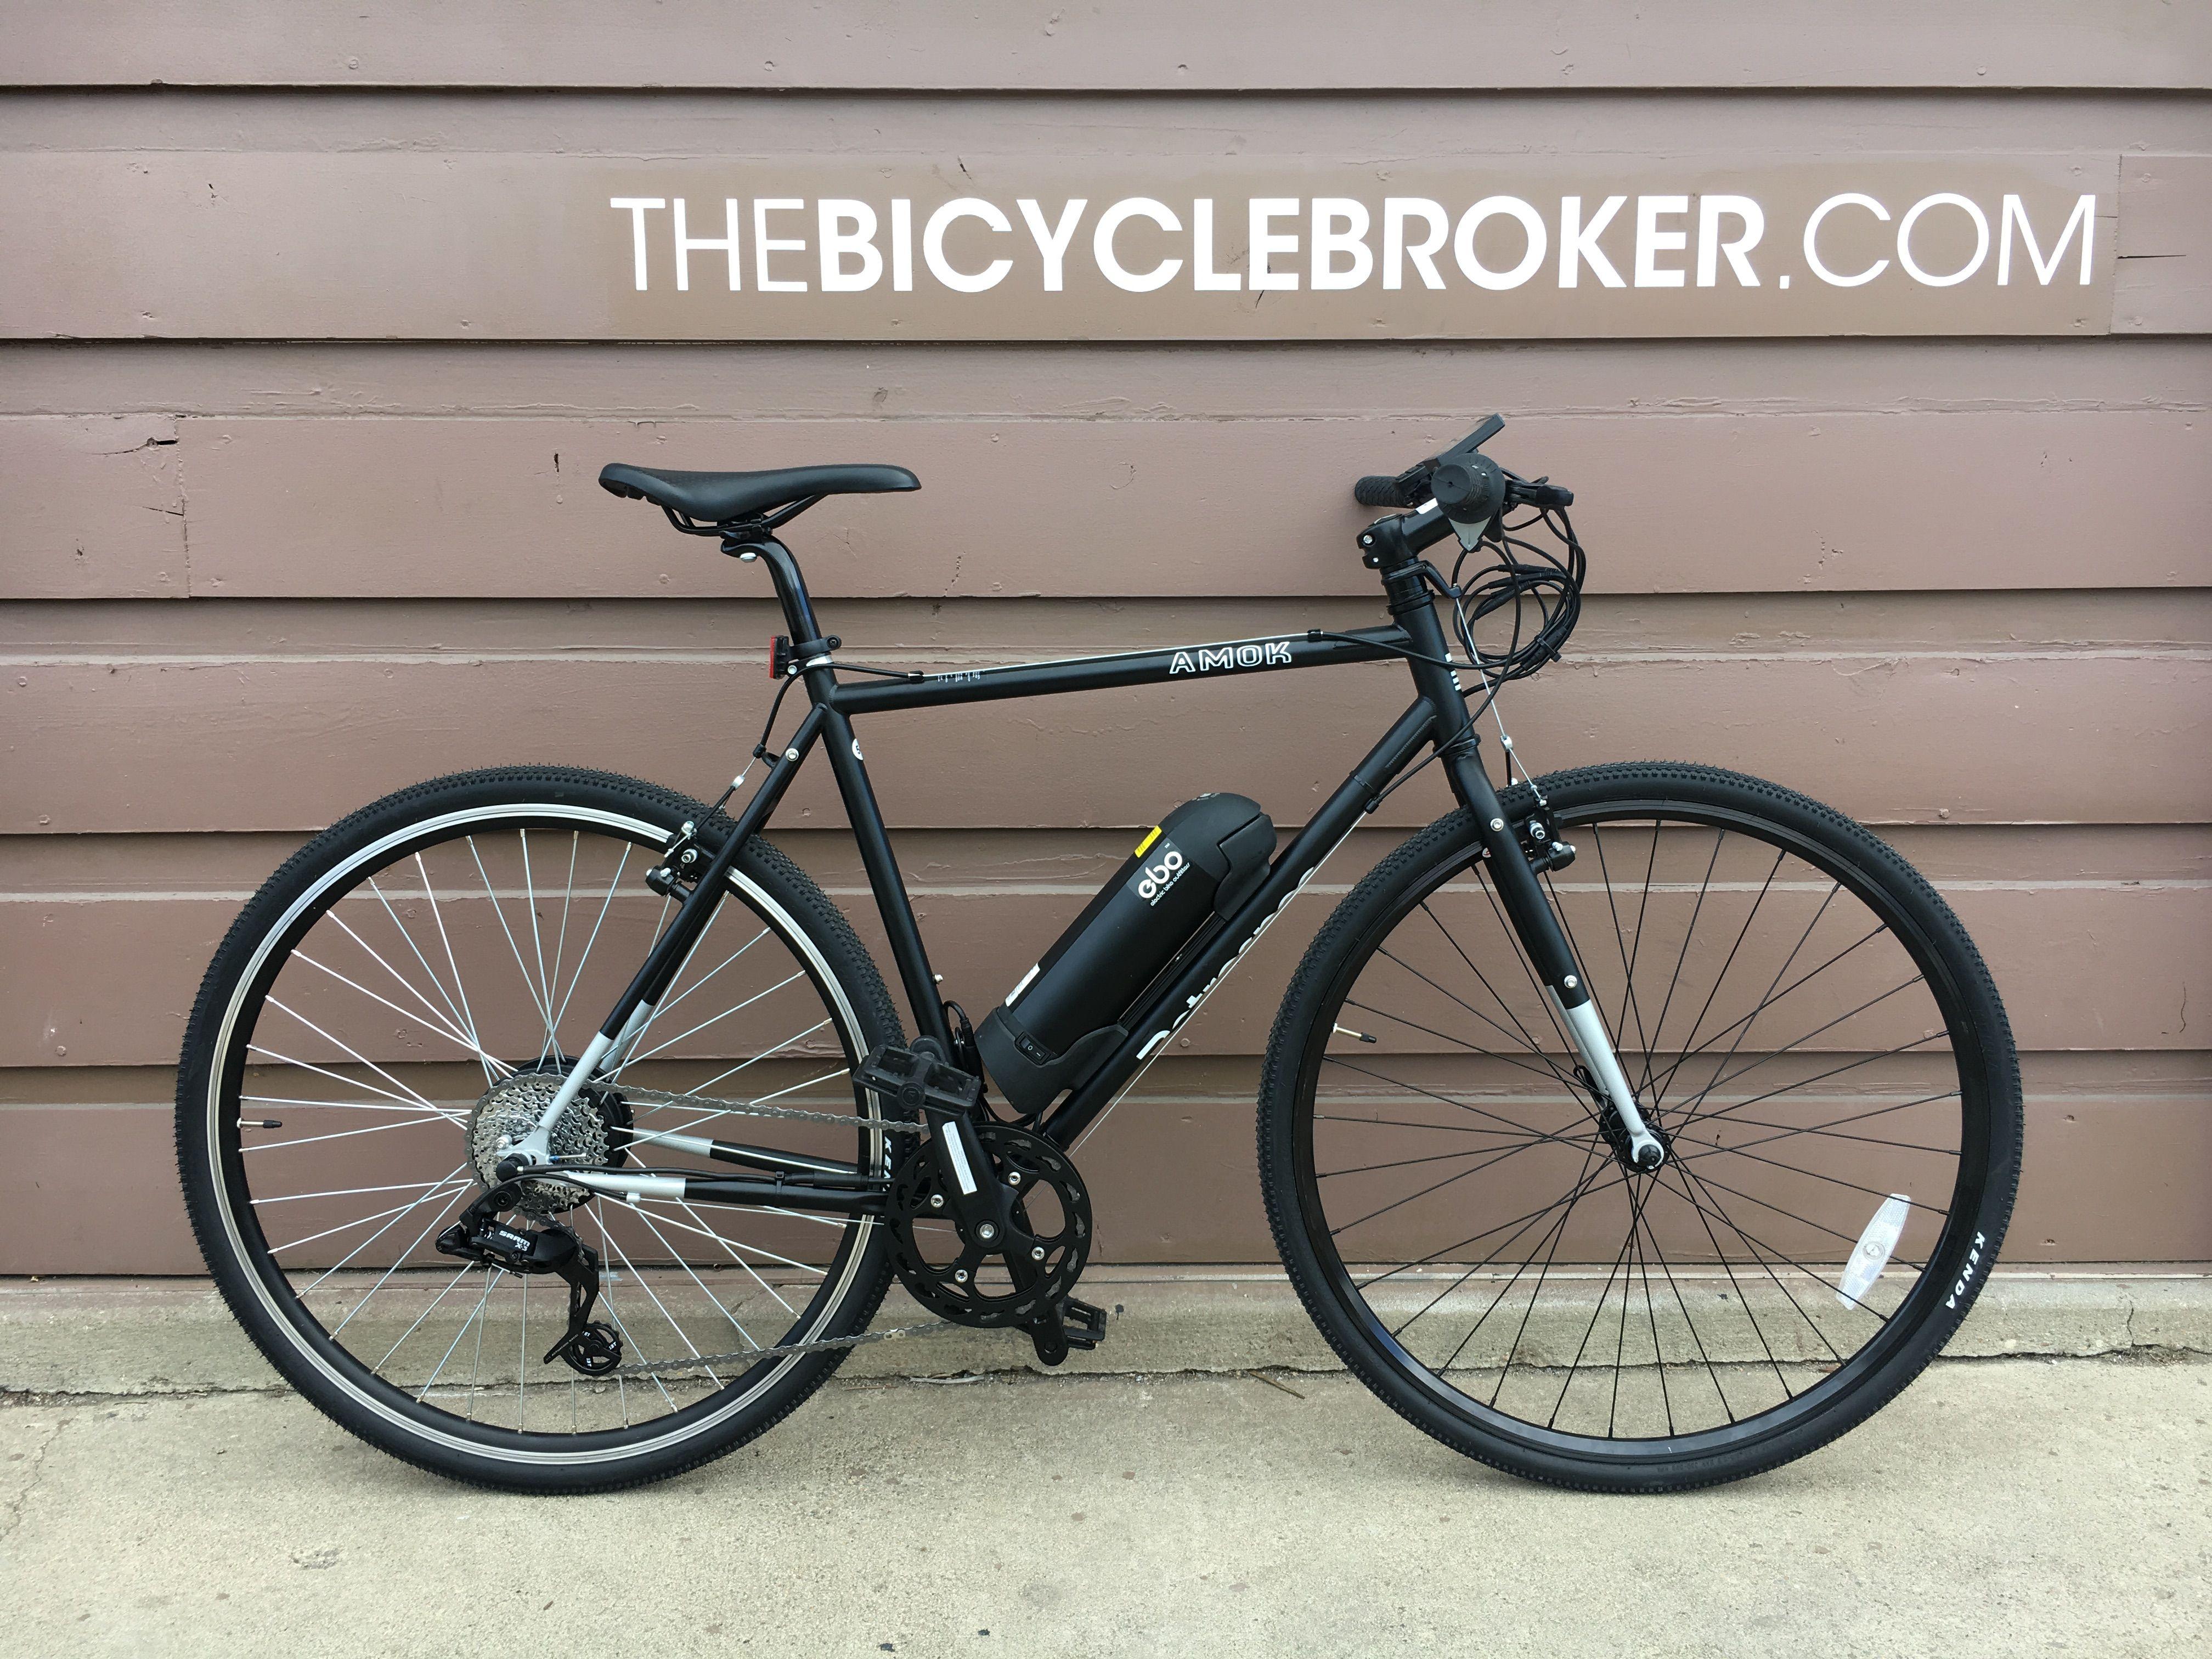 Ebo Phantom Electric Bike Kit Installed On A Retrospec Amok Electric Bike Kits Bike Kit Electric Bike